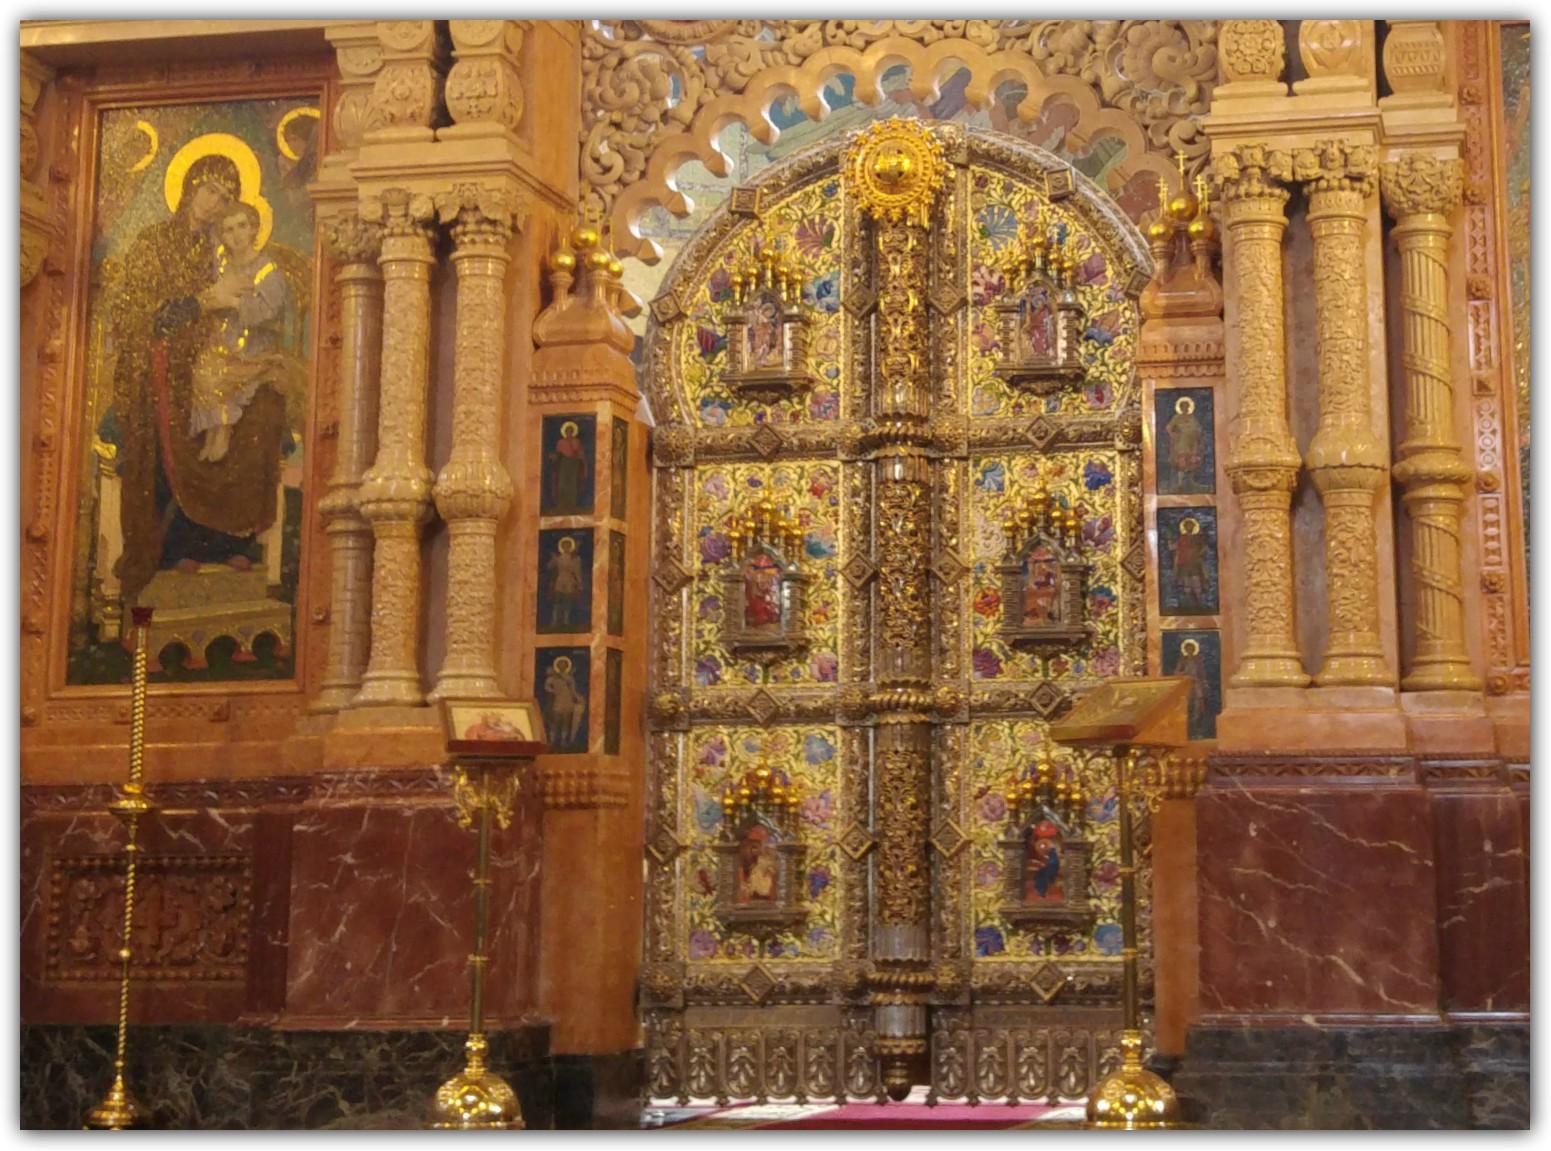 Iglesia del salvador sobre la sangre derramada lili n viajera blog de viajes - Viajes puerta palma 2017 ...